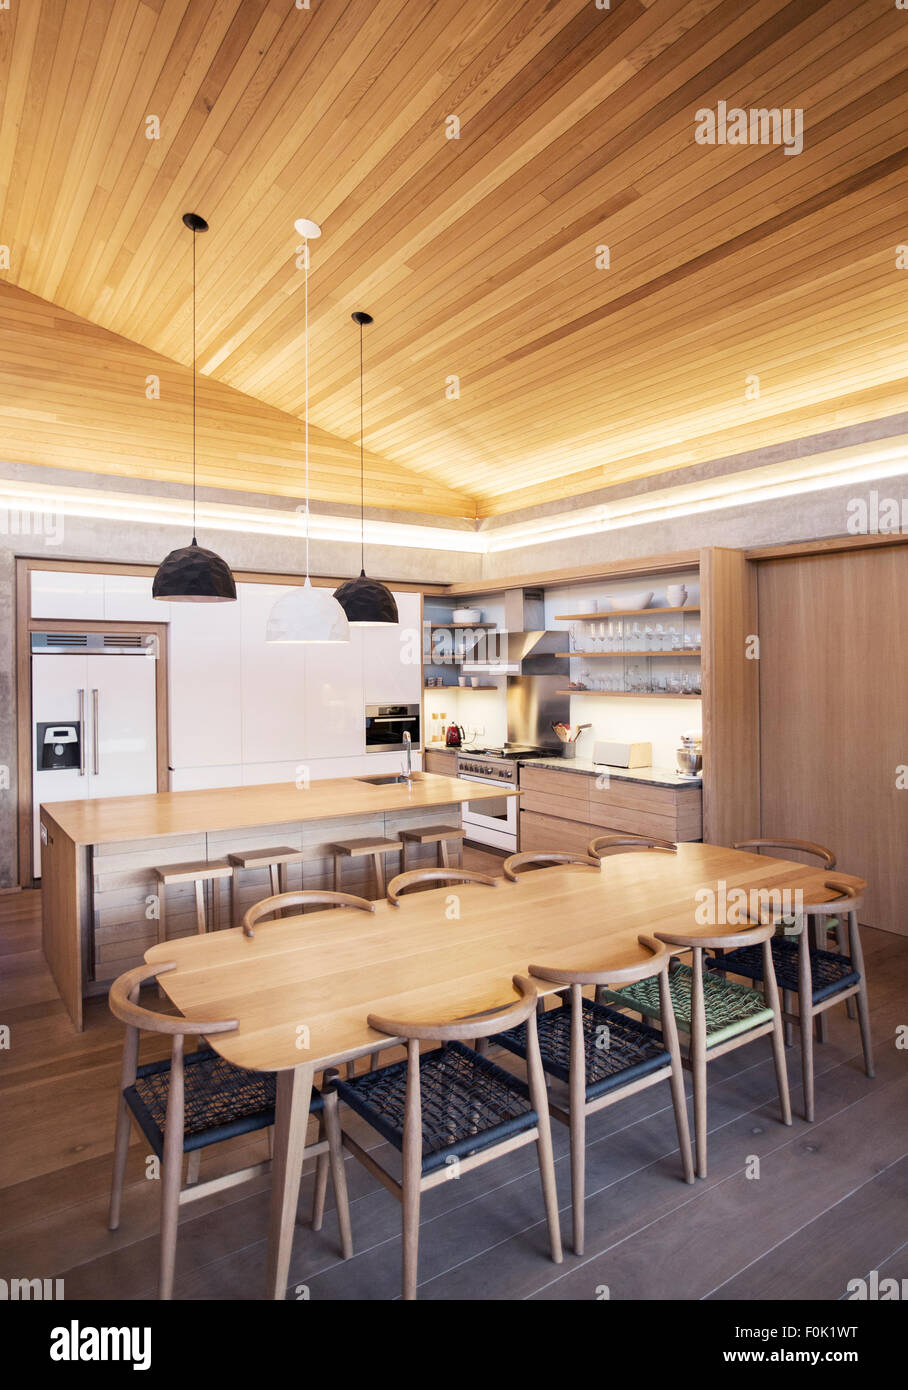 Beleuchtete Schräge Holzdecke über Küche